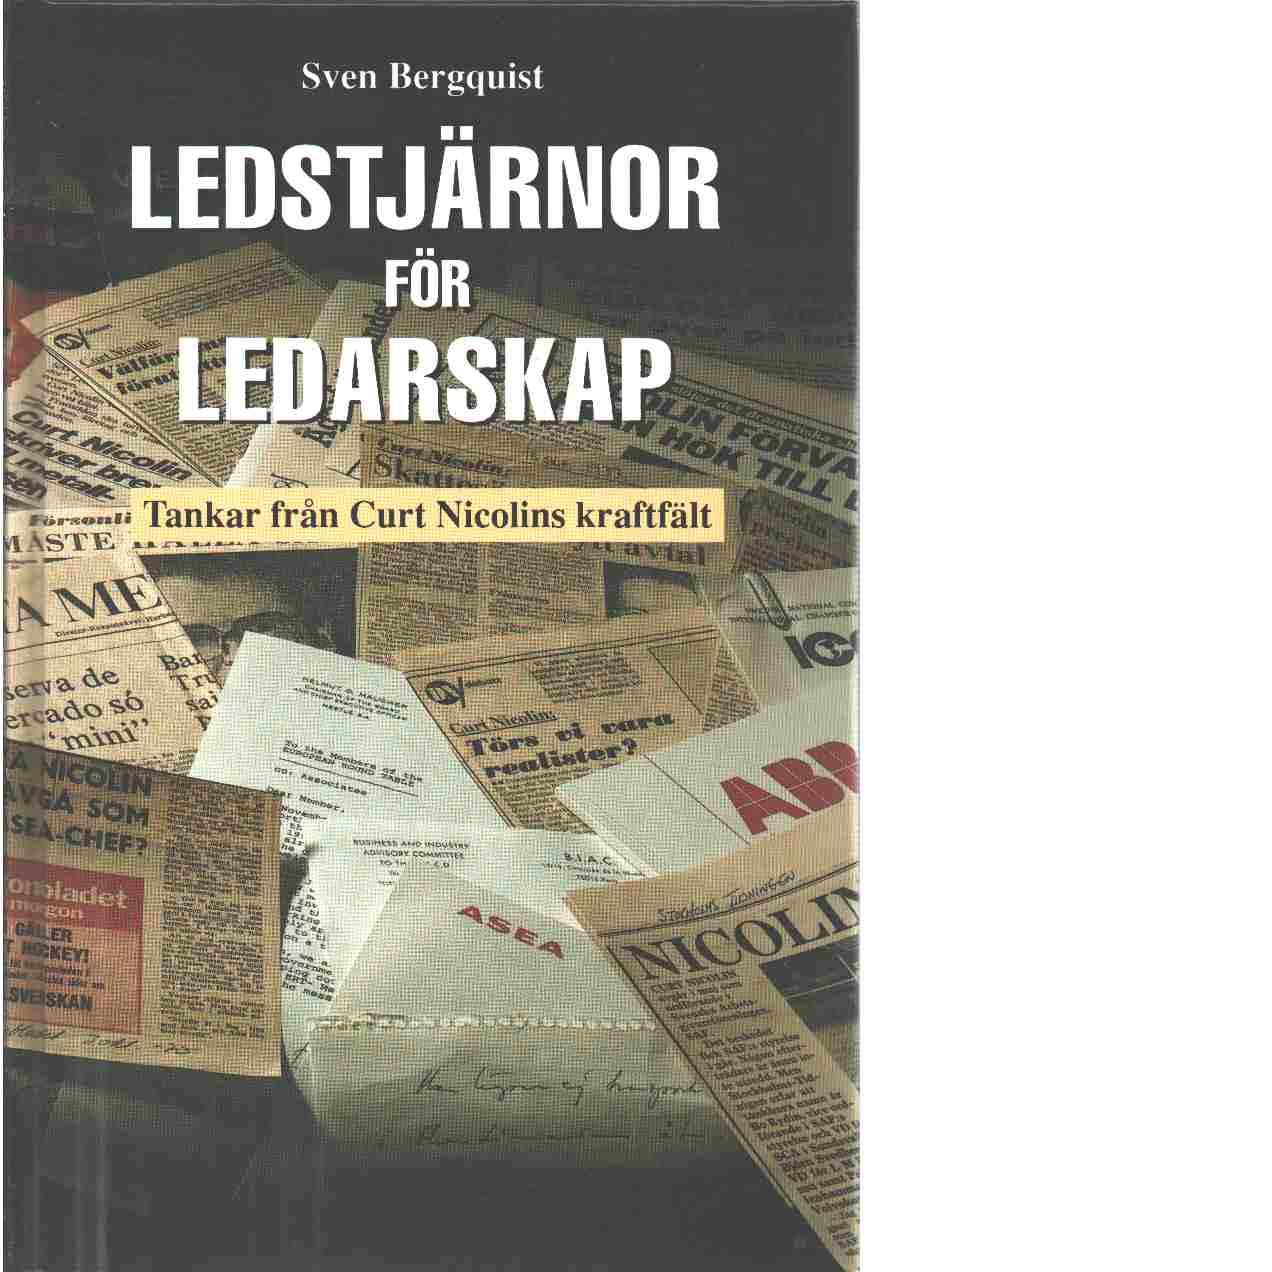 Ledstjärnor för ledarskap : tankar från Curt Nicolins kraftfält - Bergquist, Sven